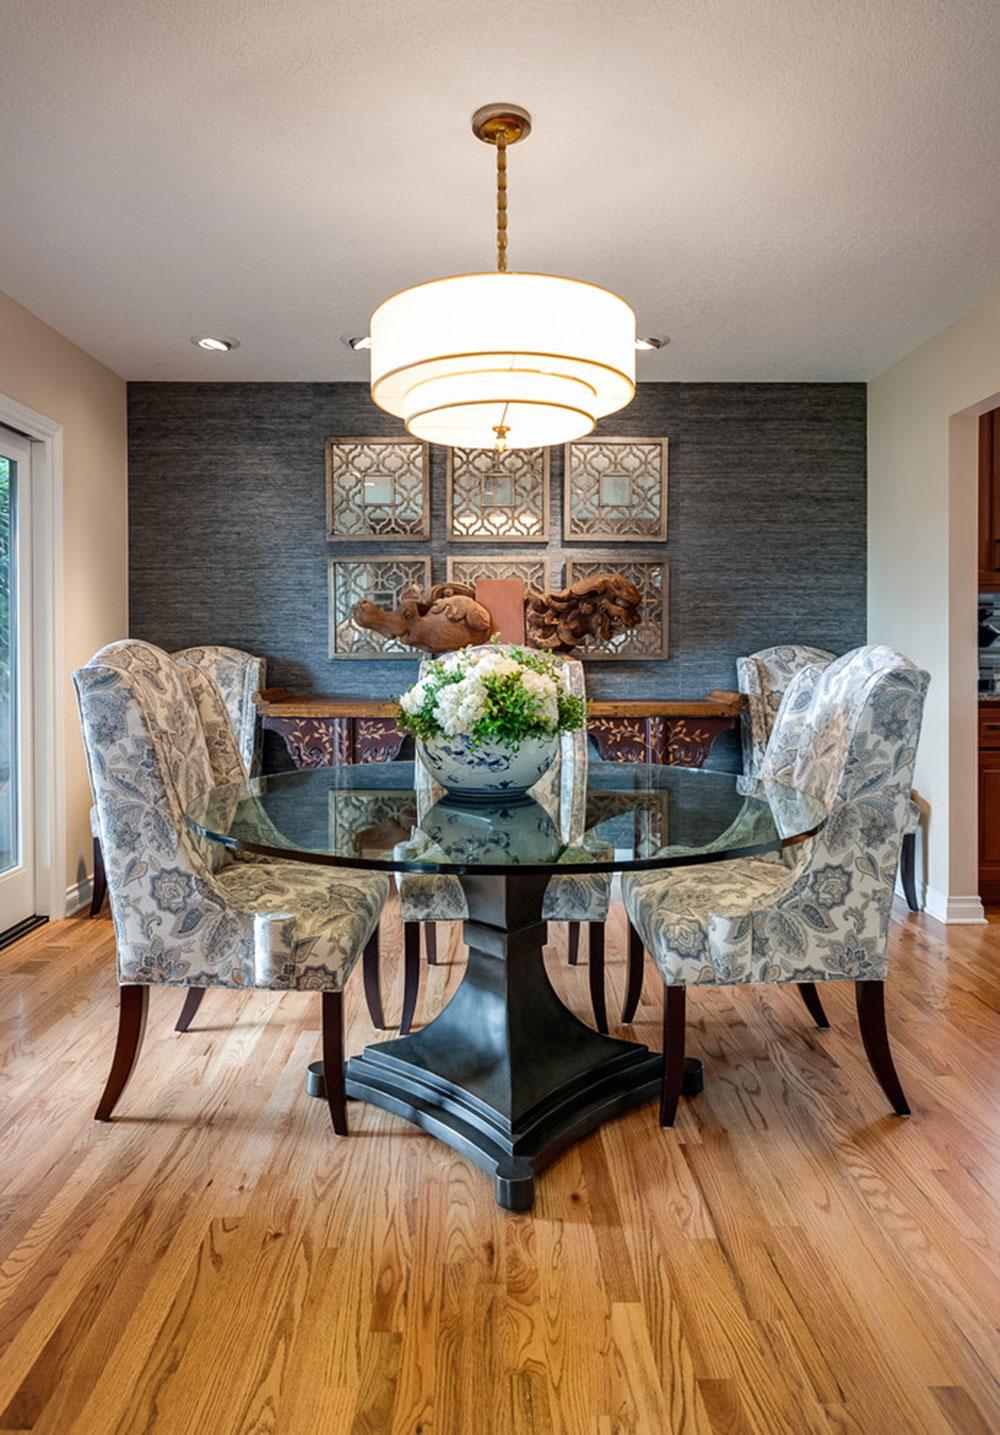 Sätt att få ditt hem att se dyrt ut9 Hur du får ditt hem att se dyrt ut